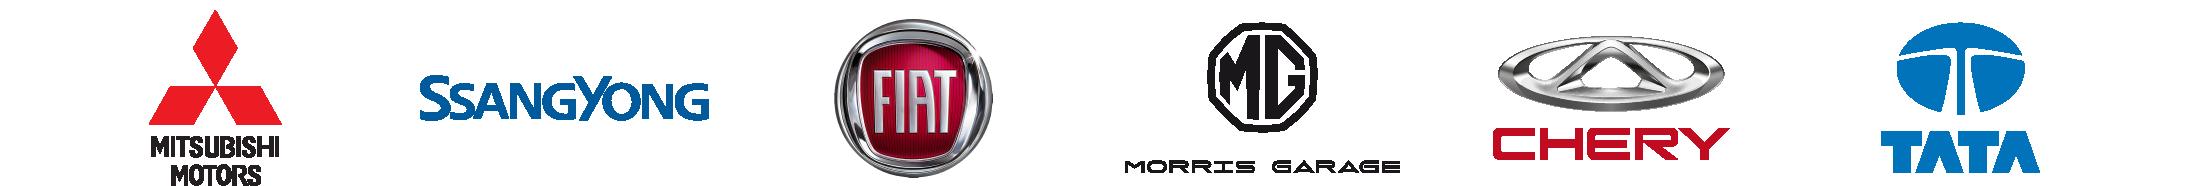 logos-marcas-home